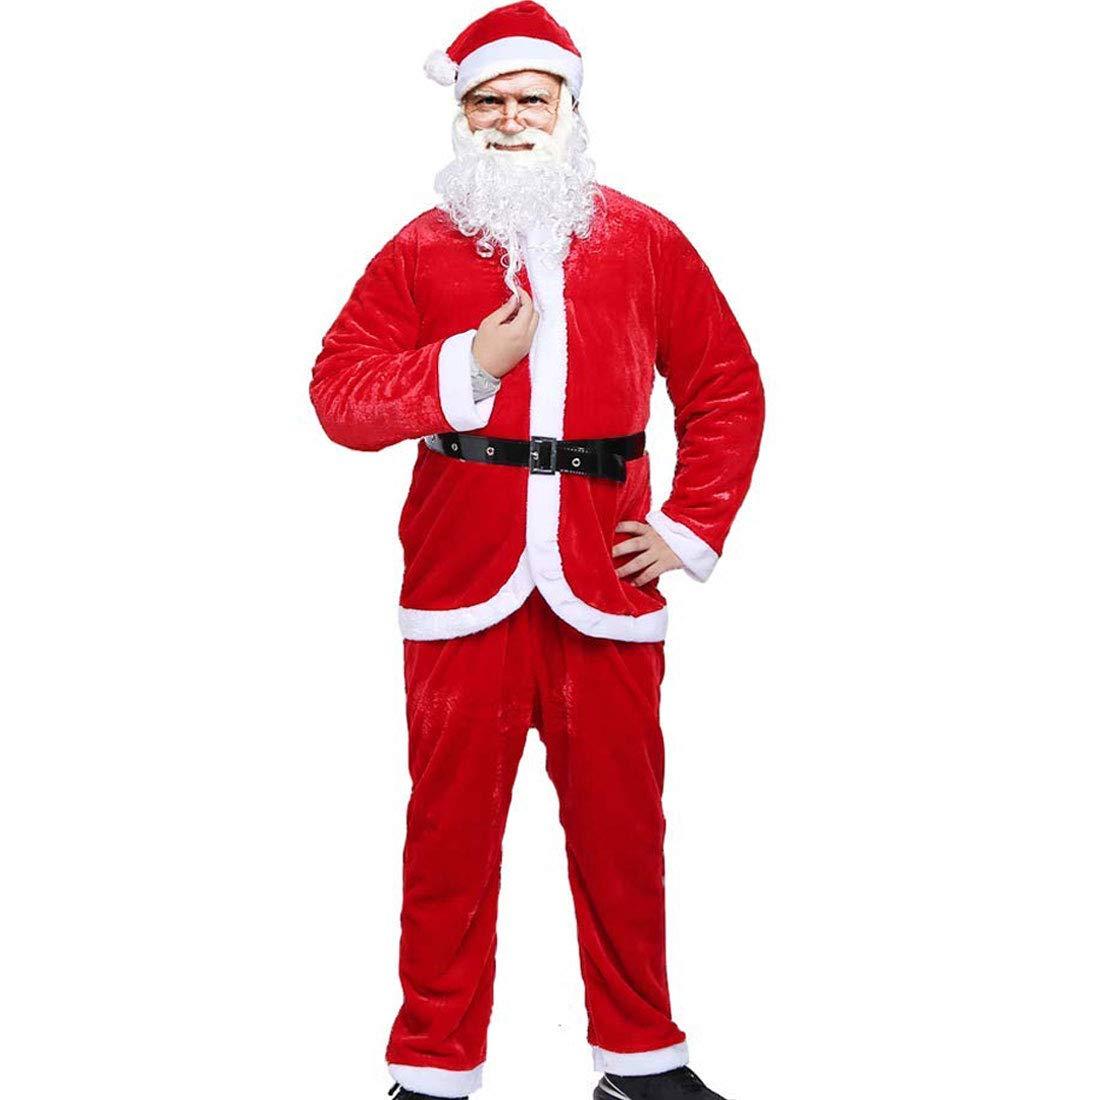 Amazon.com: Santa Claus - Disfraz de Papá Noel para hombre ...